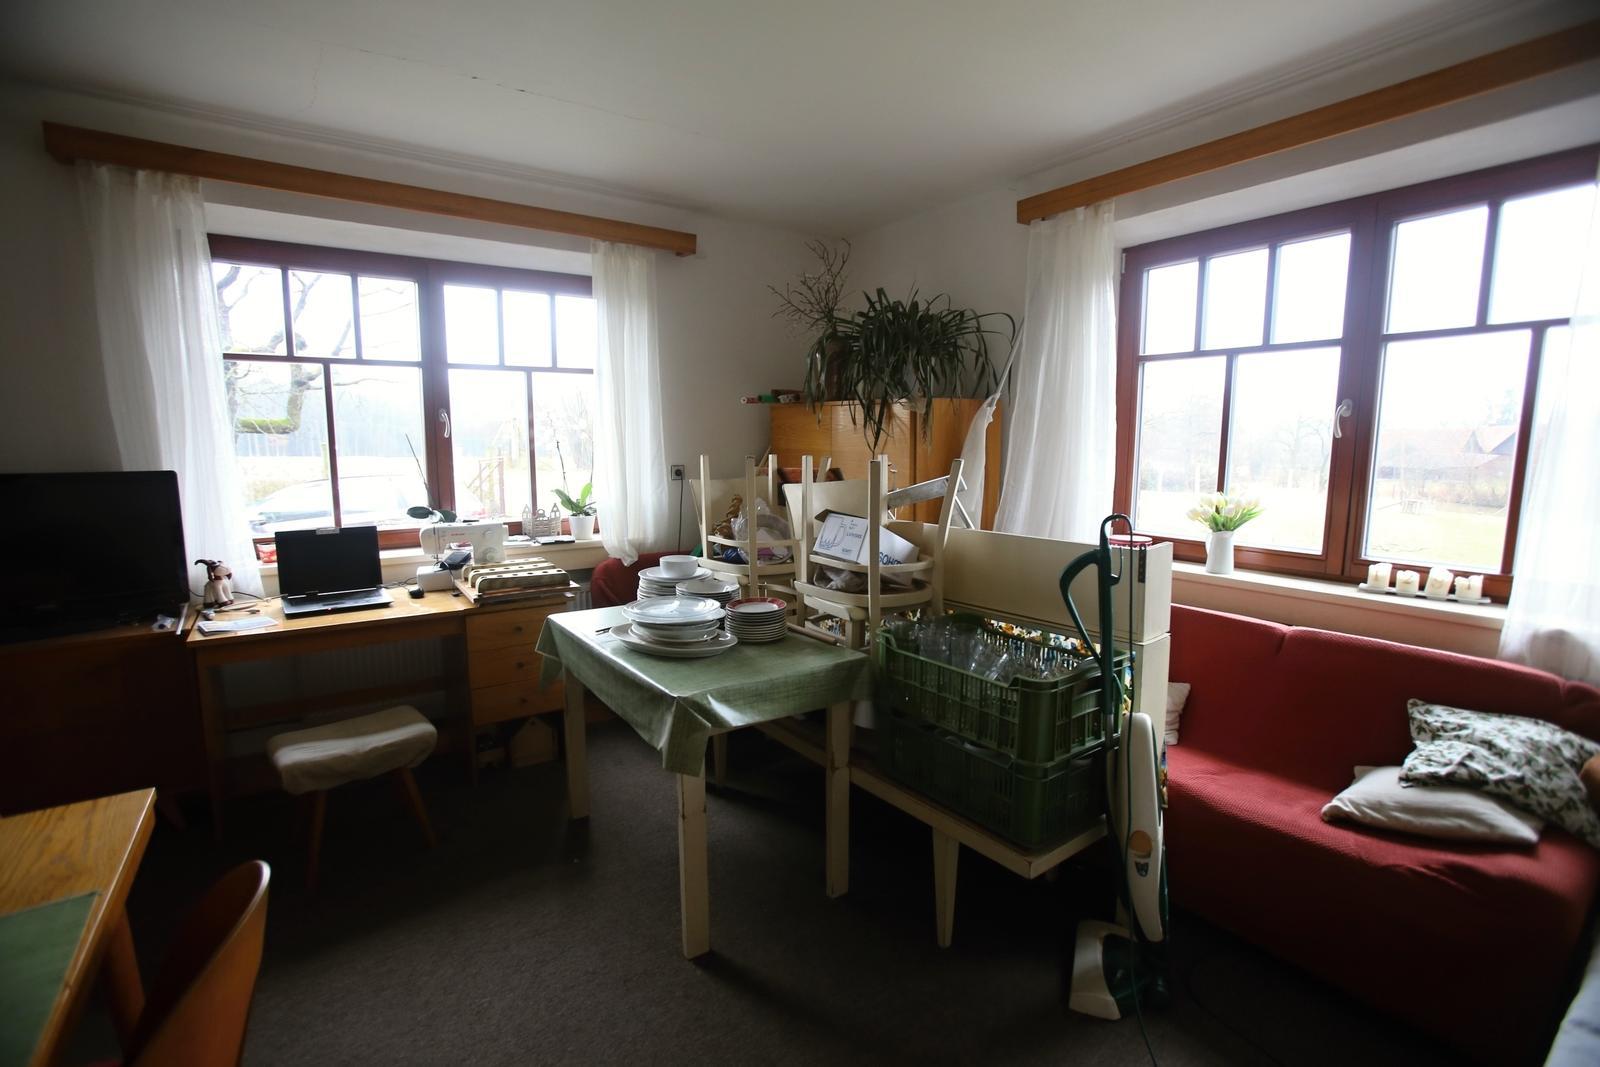 Modernizujeme kuchyňku - skladiště místo obýváku